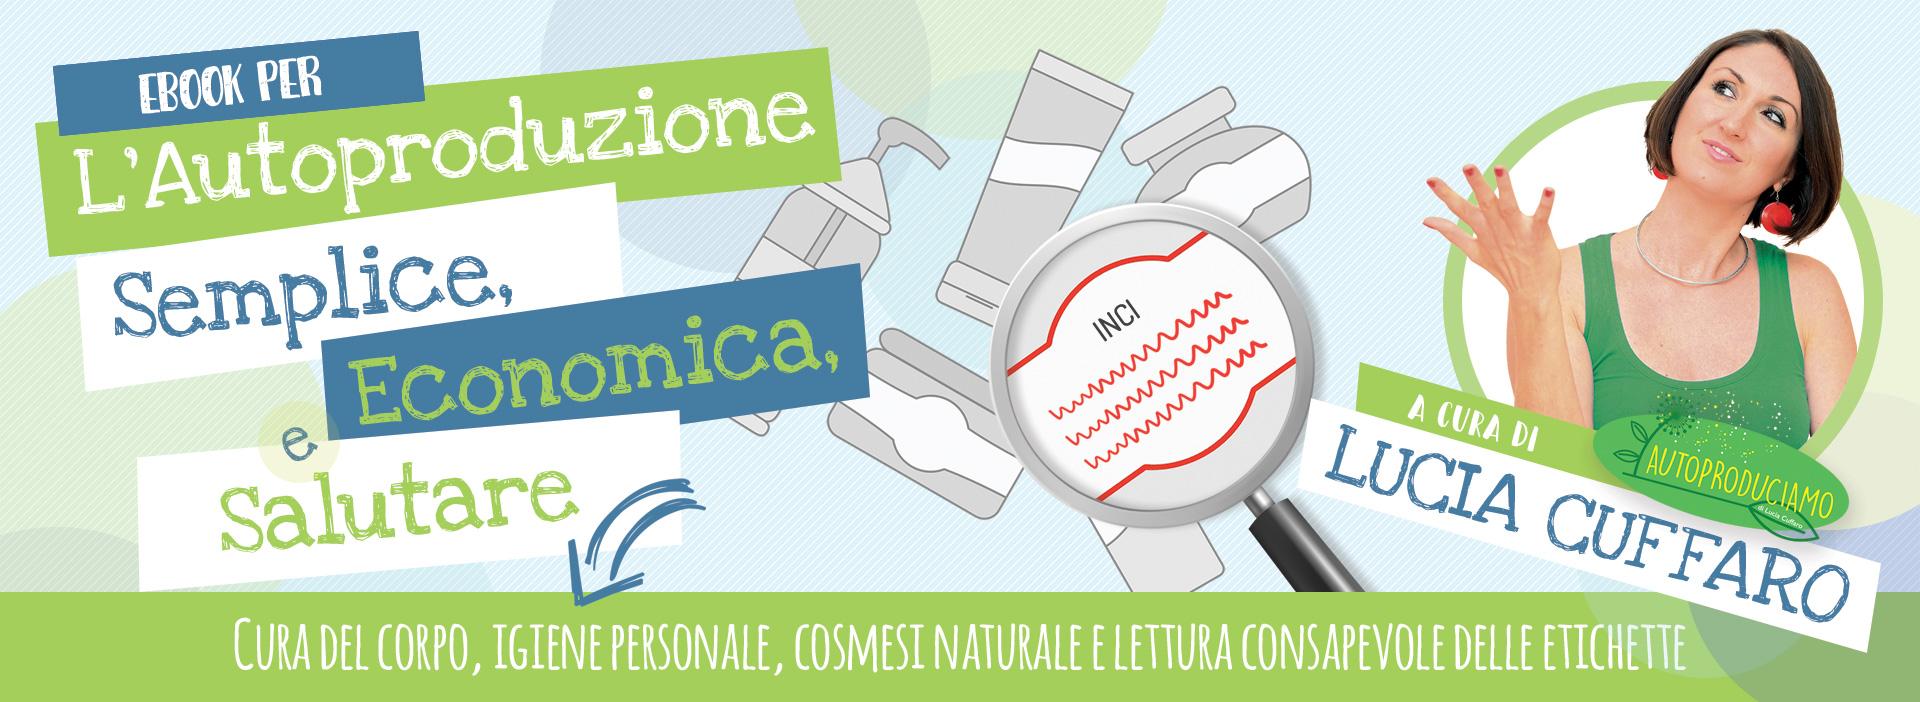 Ebook Autoproduzione - Lucia Cuffaro - Newsletter Autoproduciamo